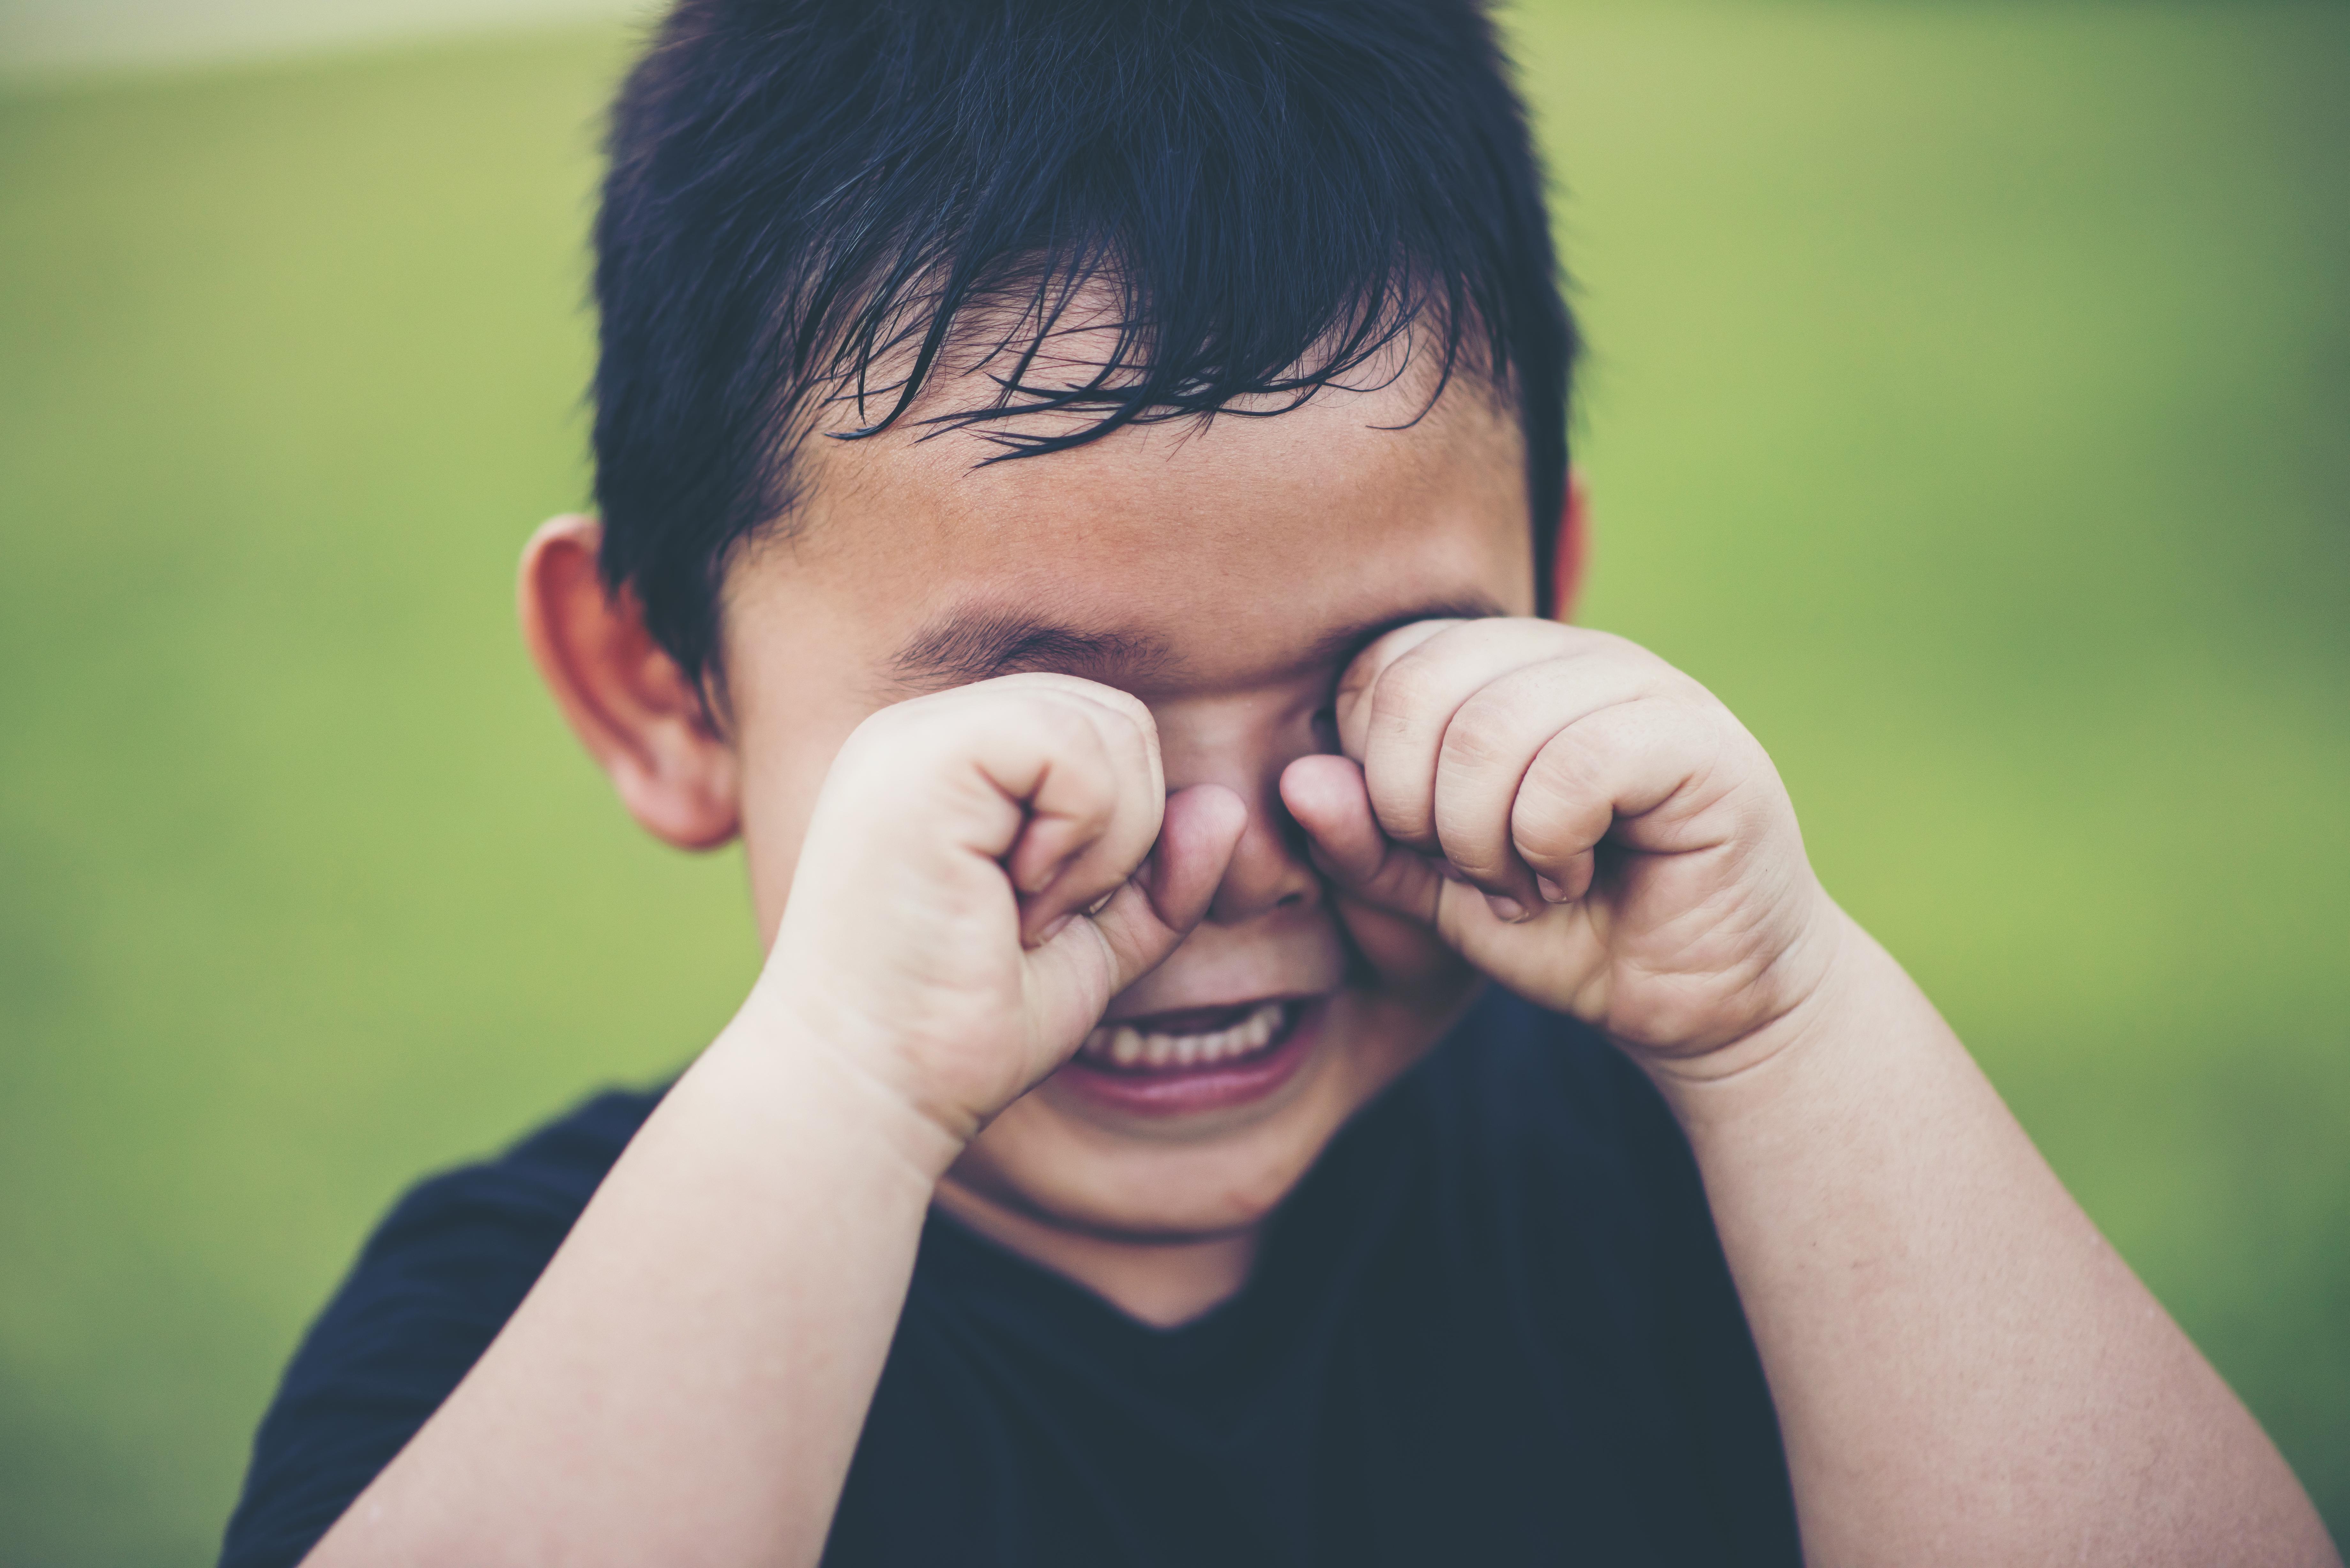 Niño pequeño llorando con los puños en los ojos